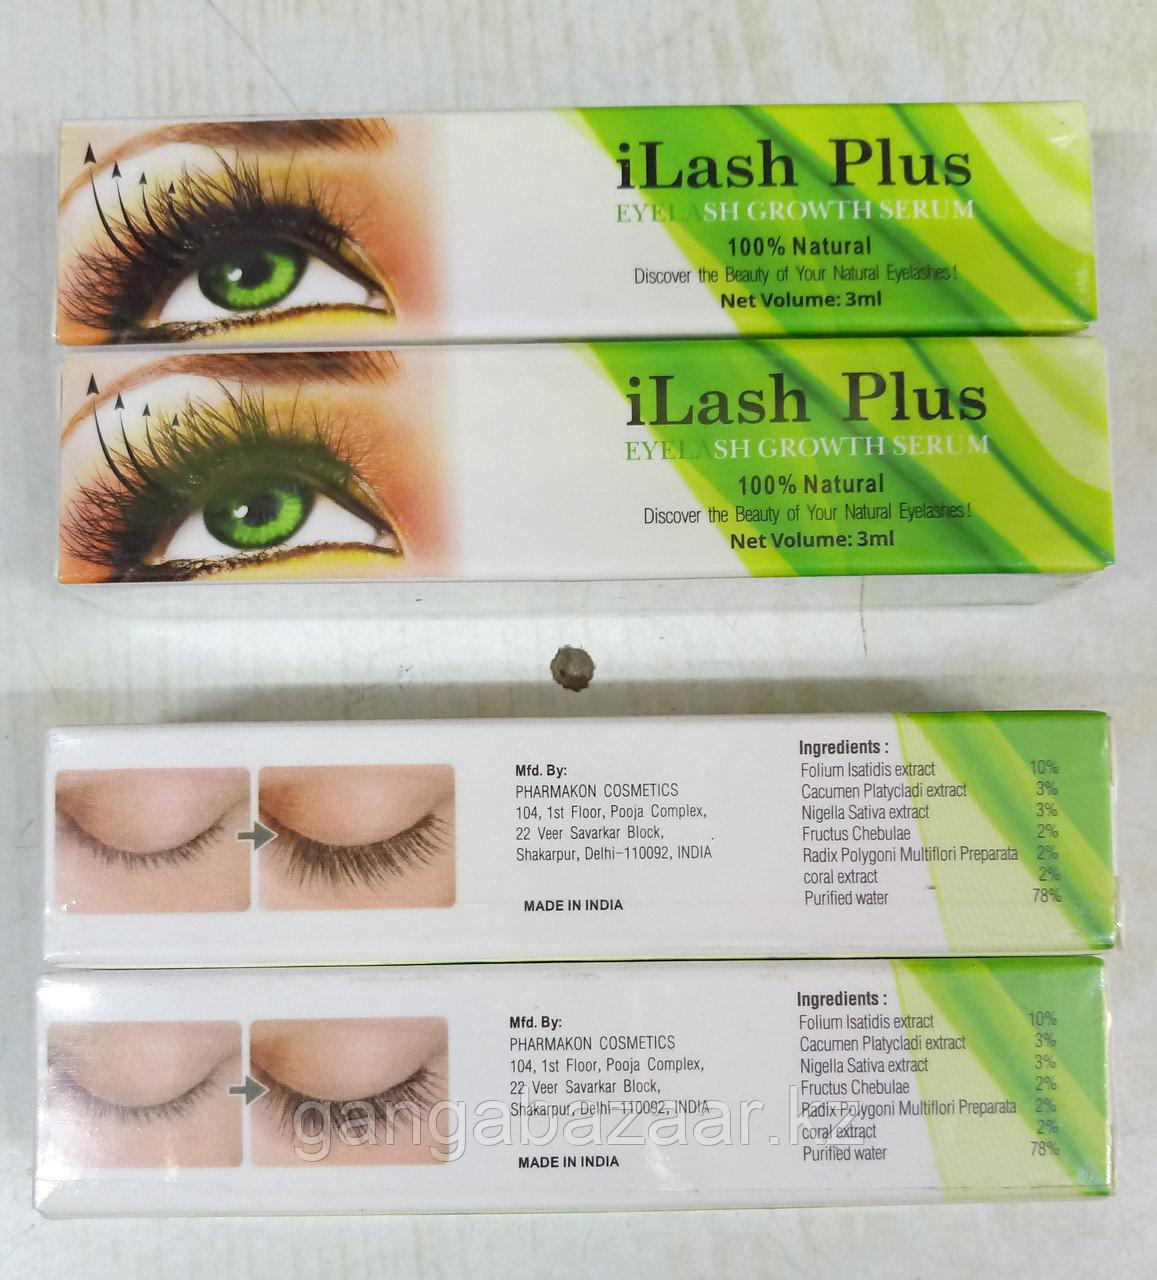 Сыворотка масло для роста ресниц Айлэш плас (Ilash Plus)